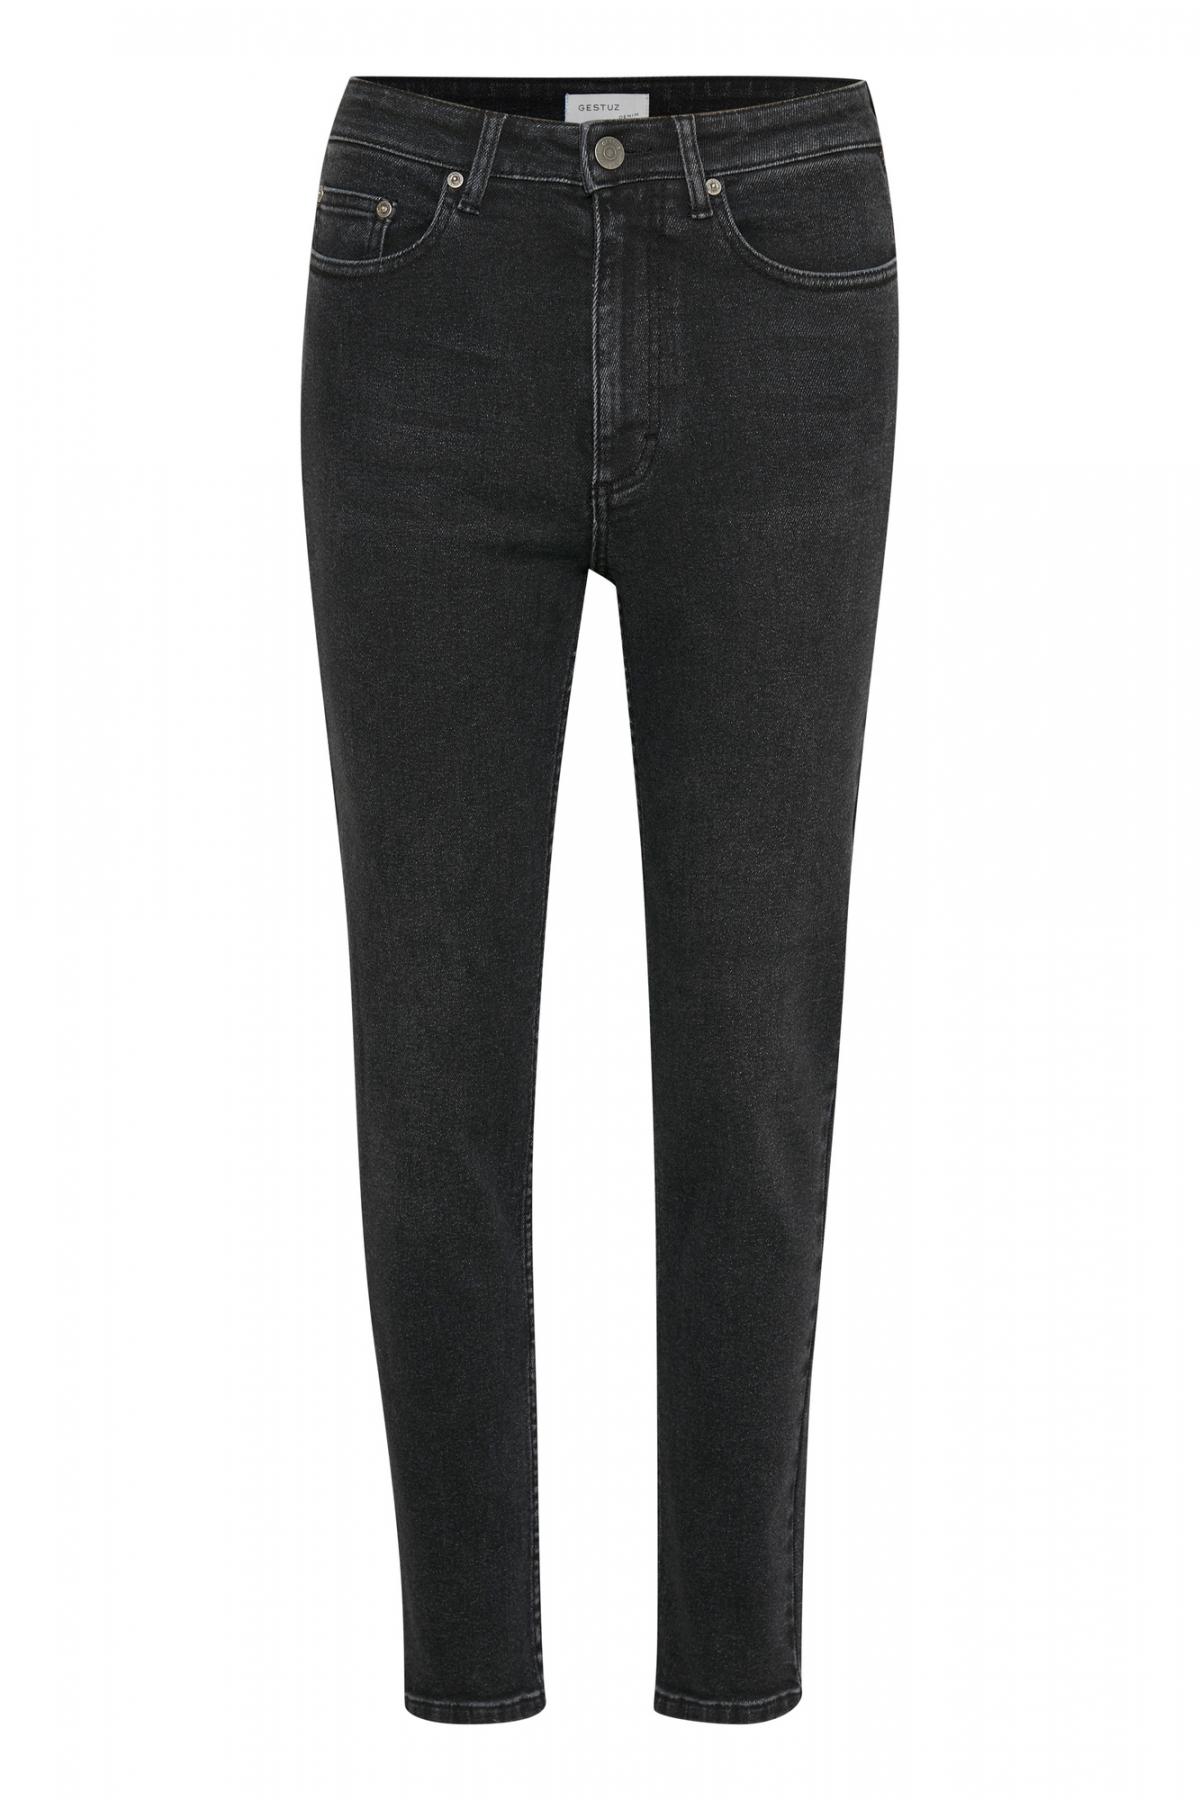 Gestuz Black Astrid Mom Jeans